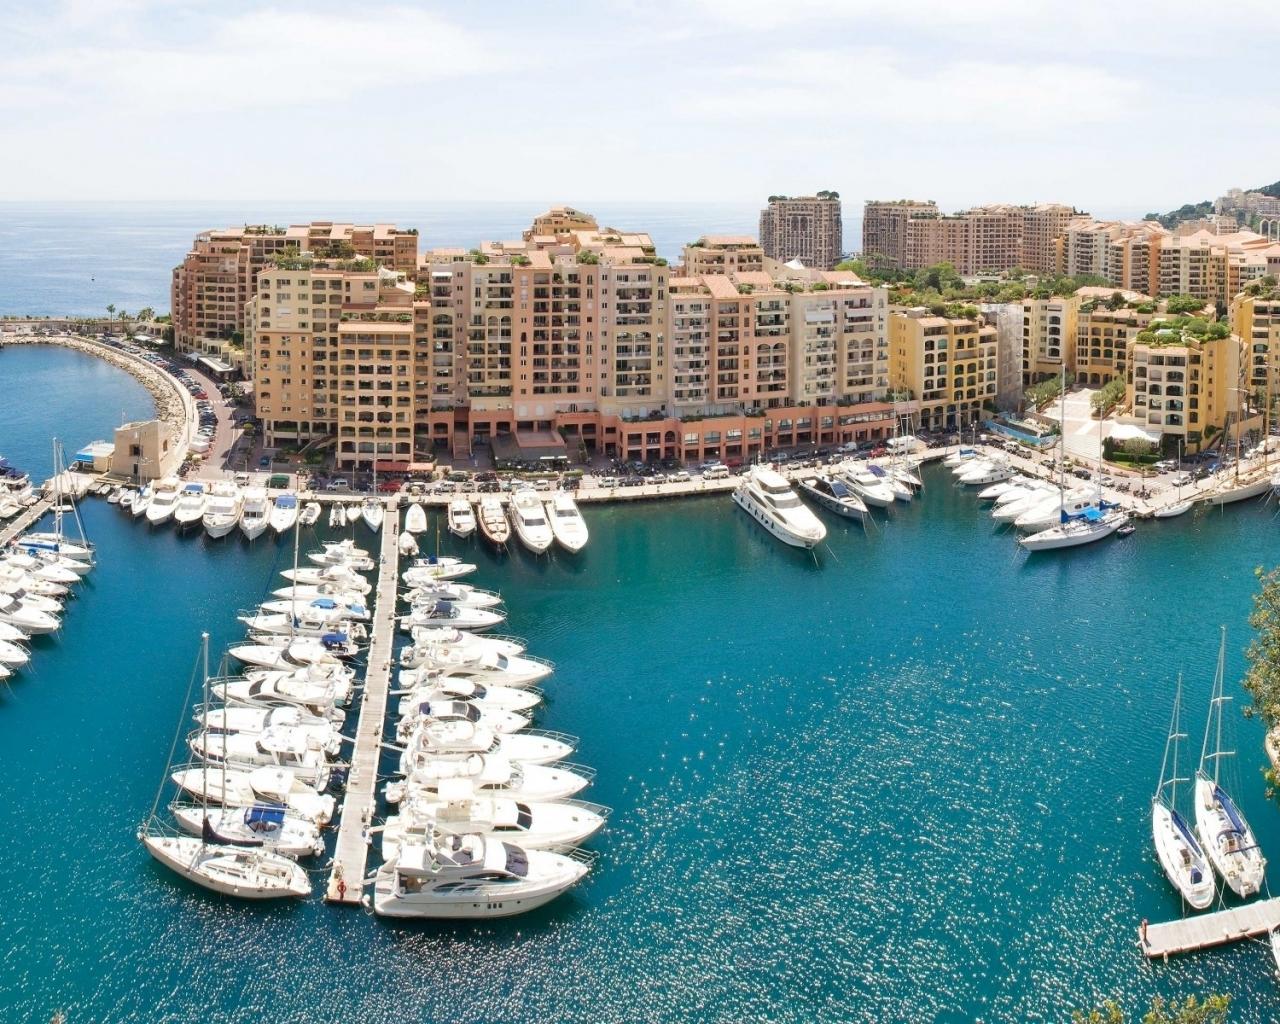 Villa de Monaco - 1280x1024